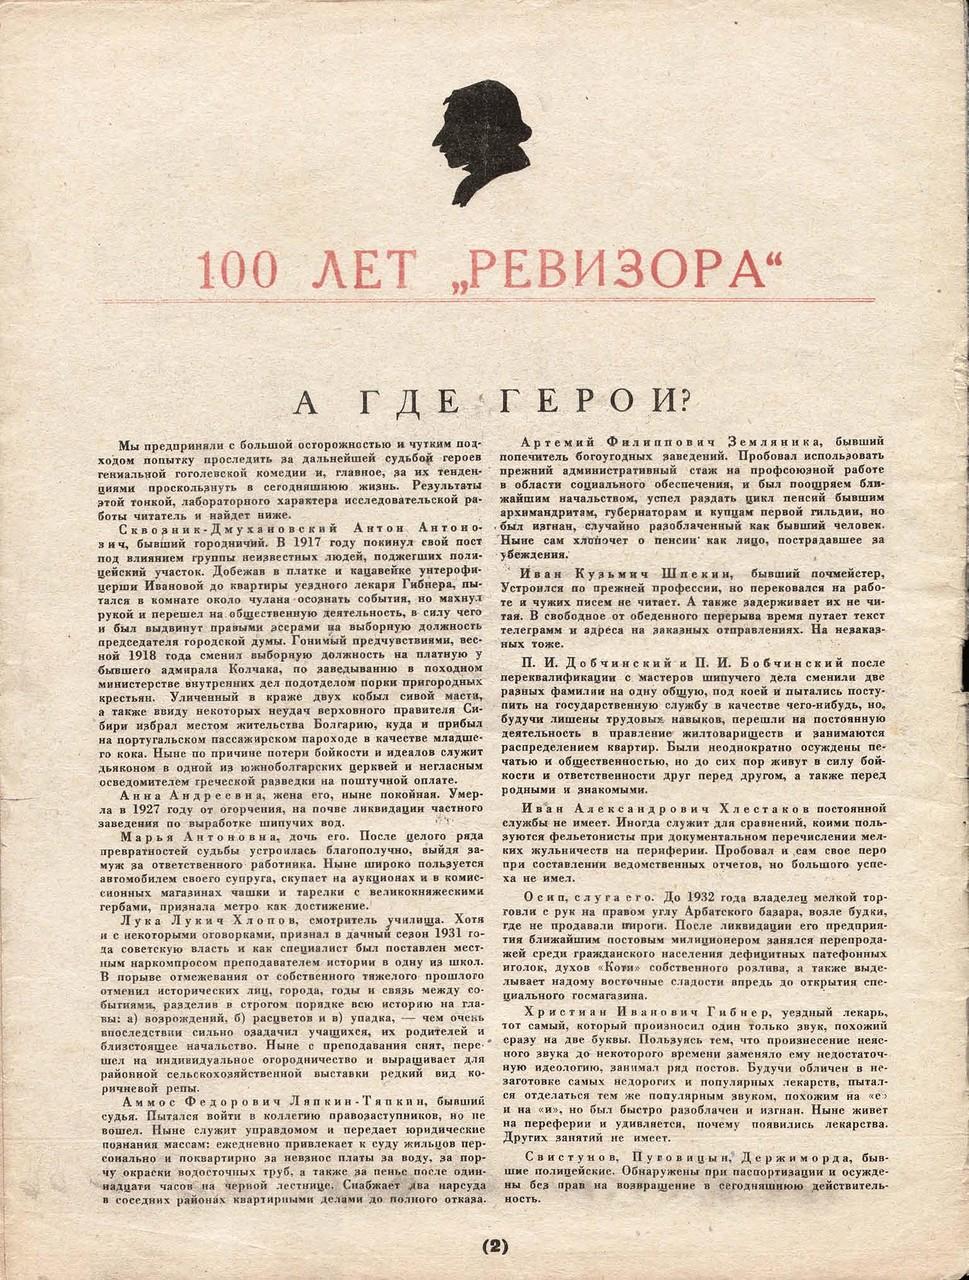 100 лет Ревизора